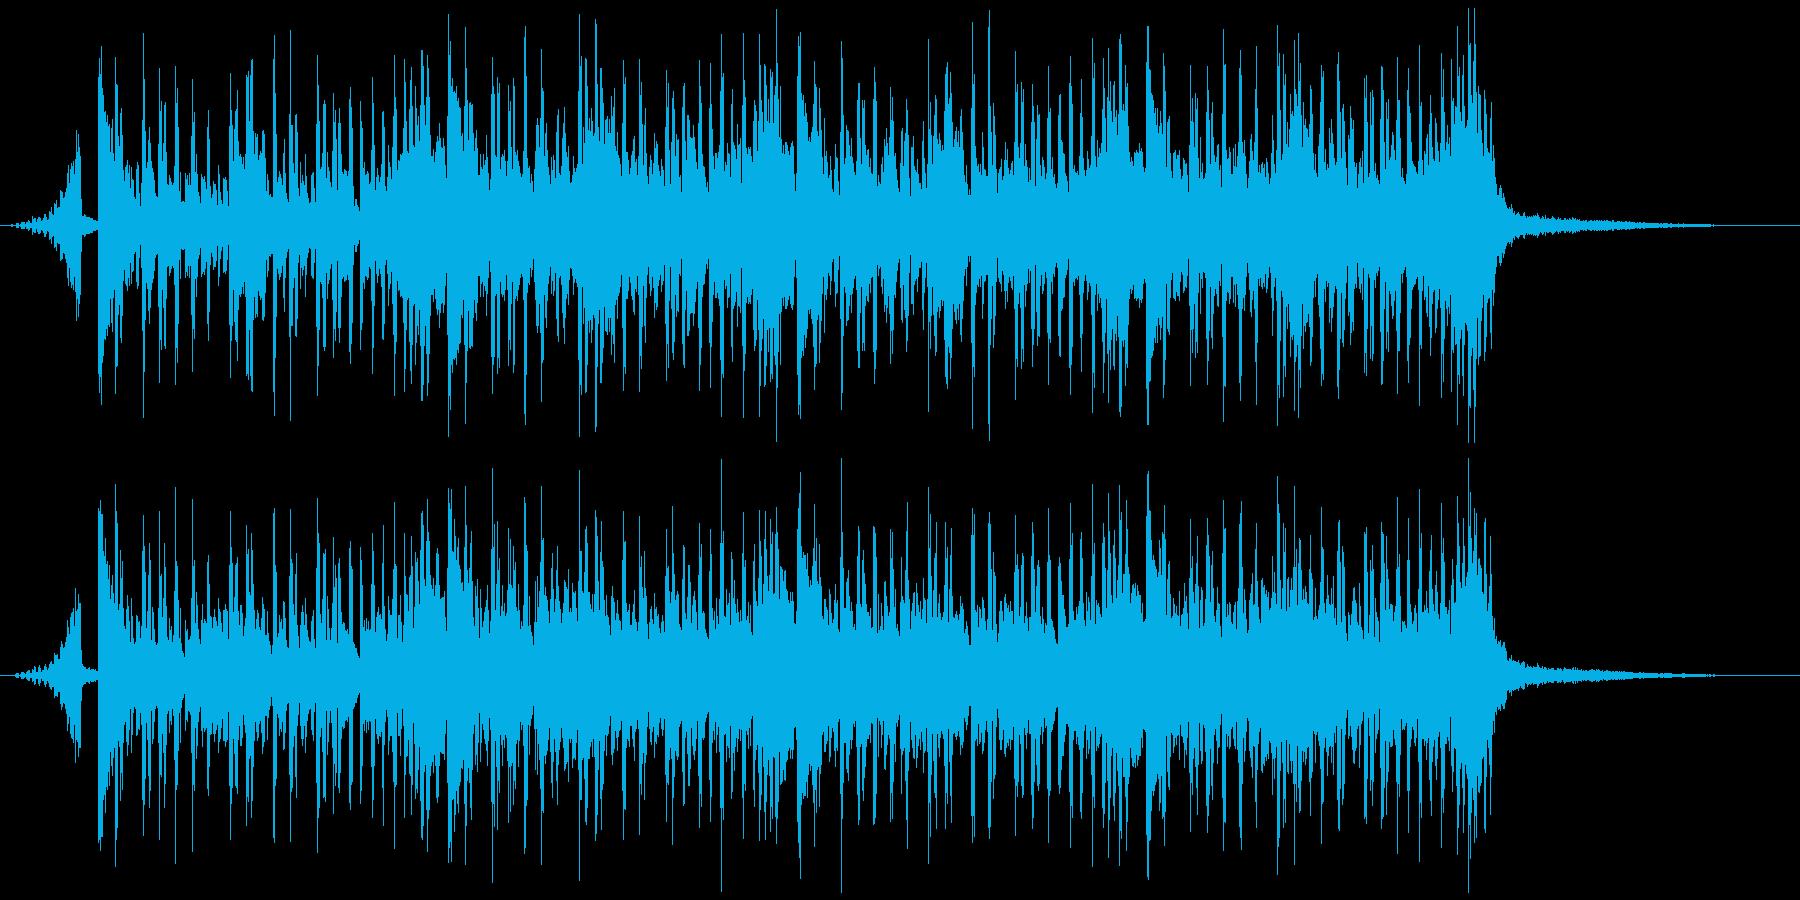 シンキング・タイム(メロディー有り)の再生済みの波形